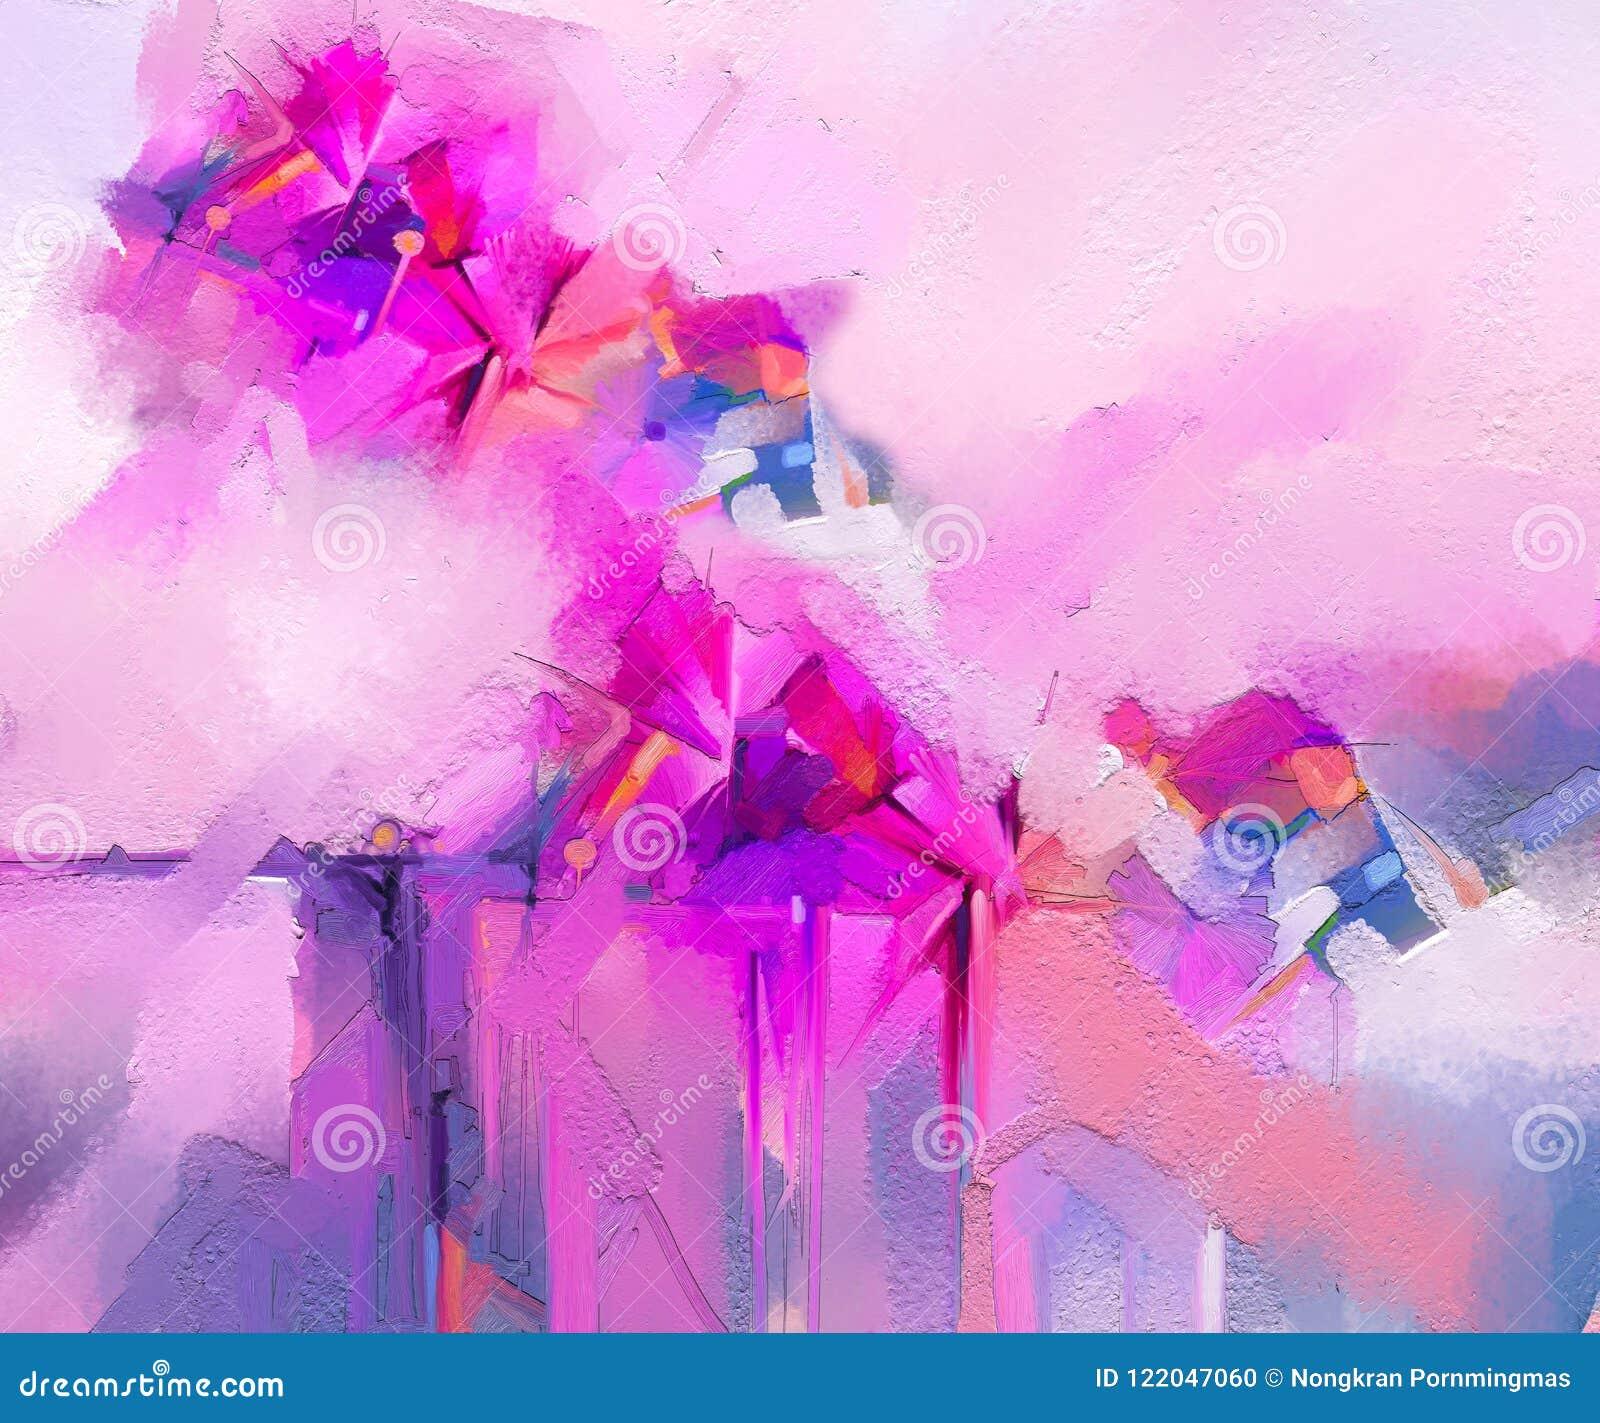 Semi abstract beeld van bloemen, in gele roze en rood met blauwe kleur Moderne kunstolieverfschilderijen voor achtergrond